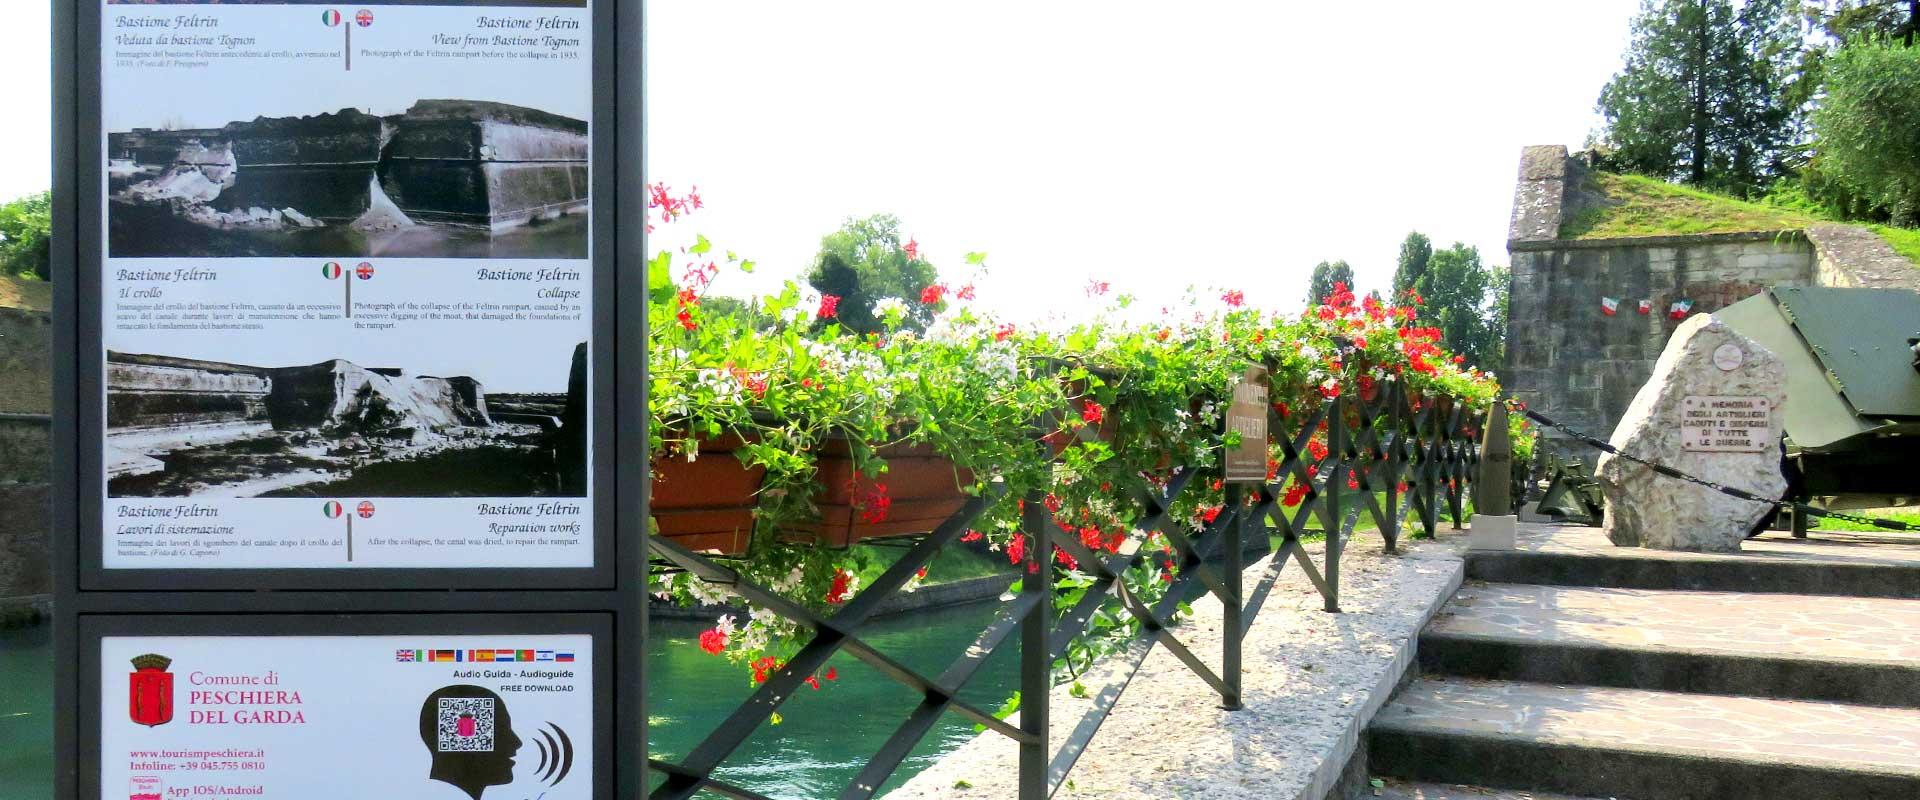 Tassa di Soggiorno - Peschiera Tourism